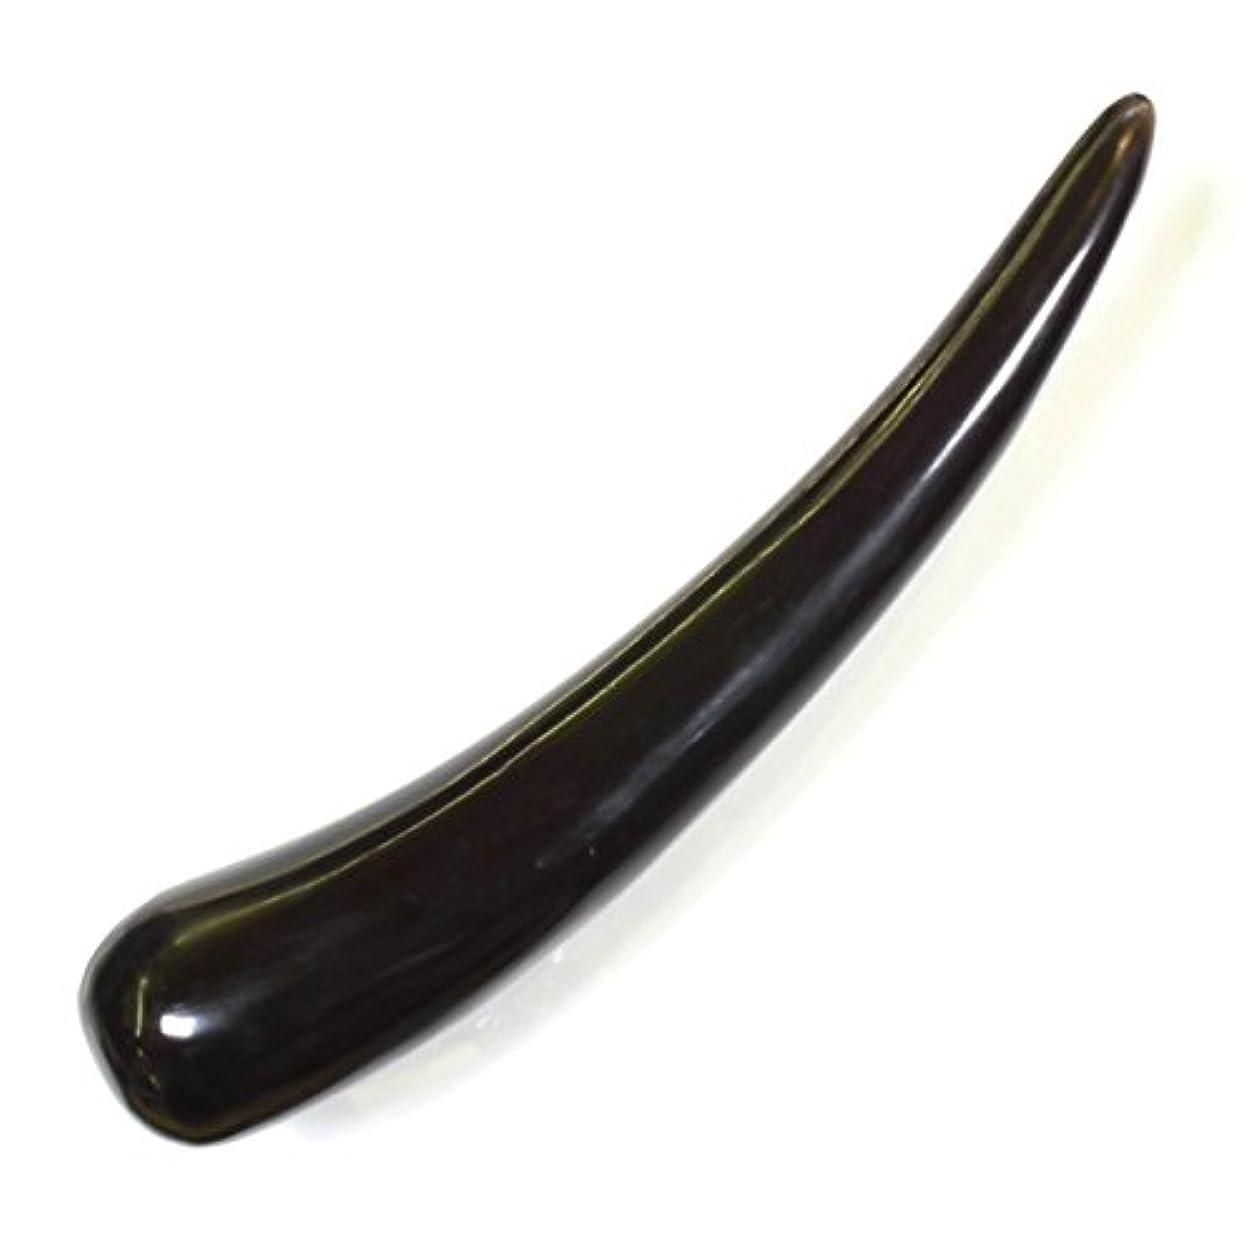 受益者ブロッサム母音水牛の角 ツボ押し 黒水牛角 特大13 長さ20cm